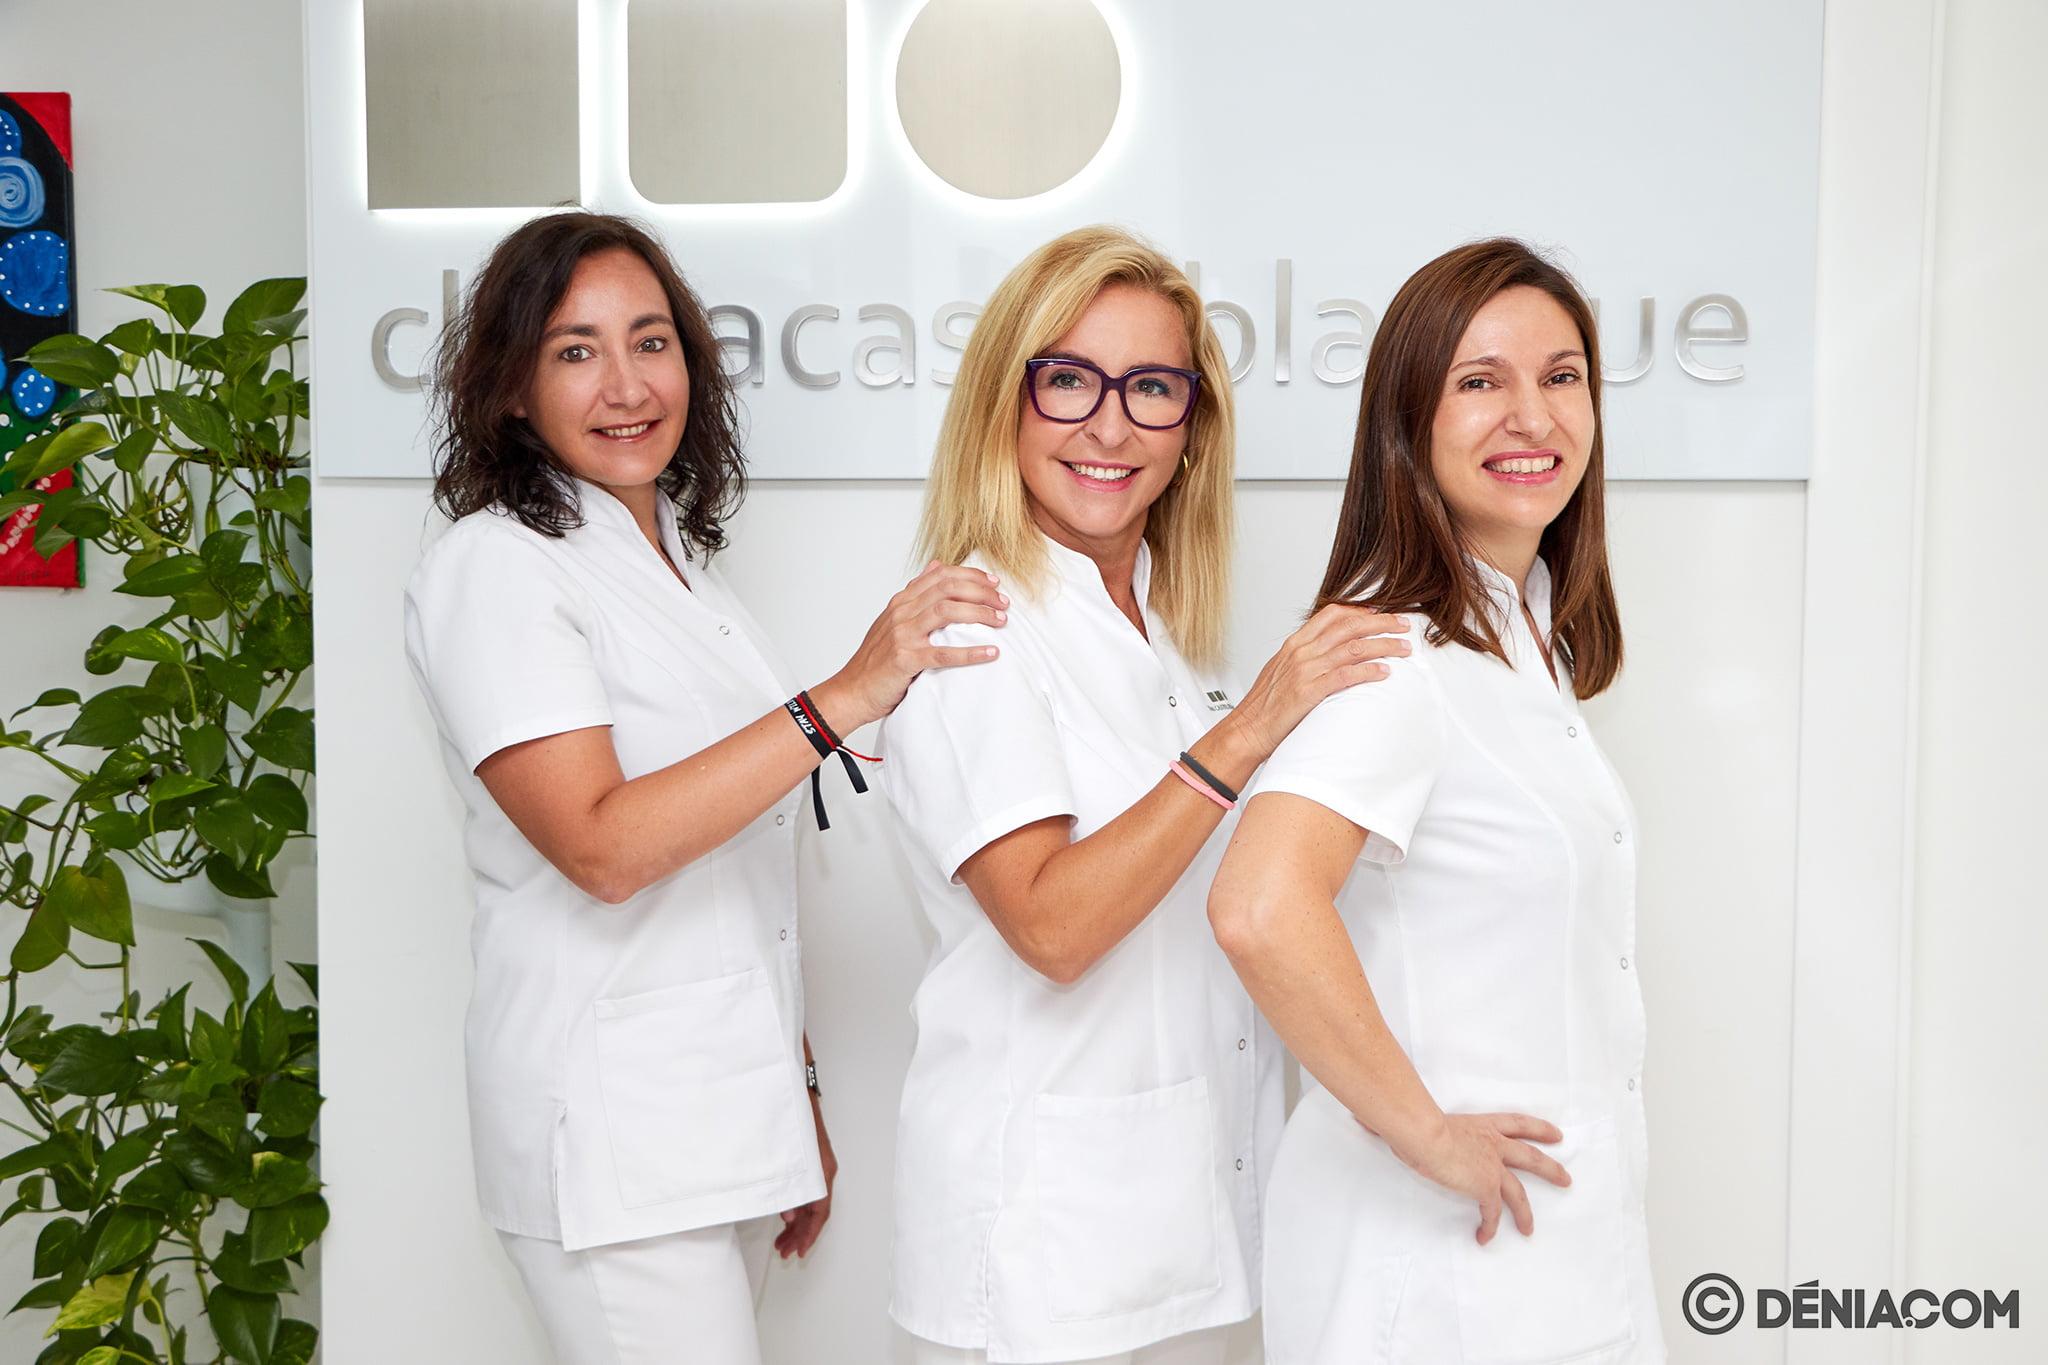 Medicina estética en Dénia – Clínica Estética Castelblanque